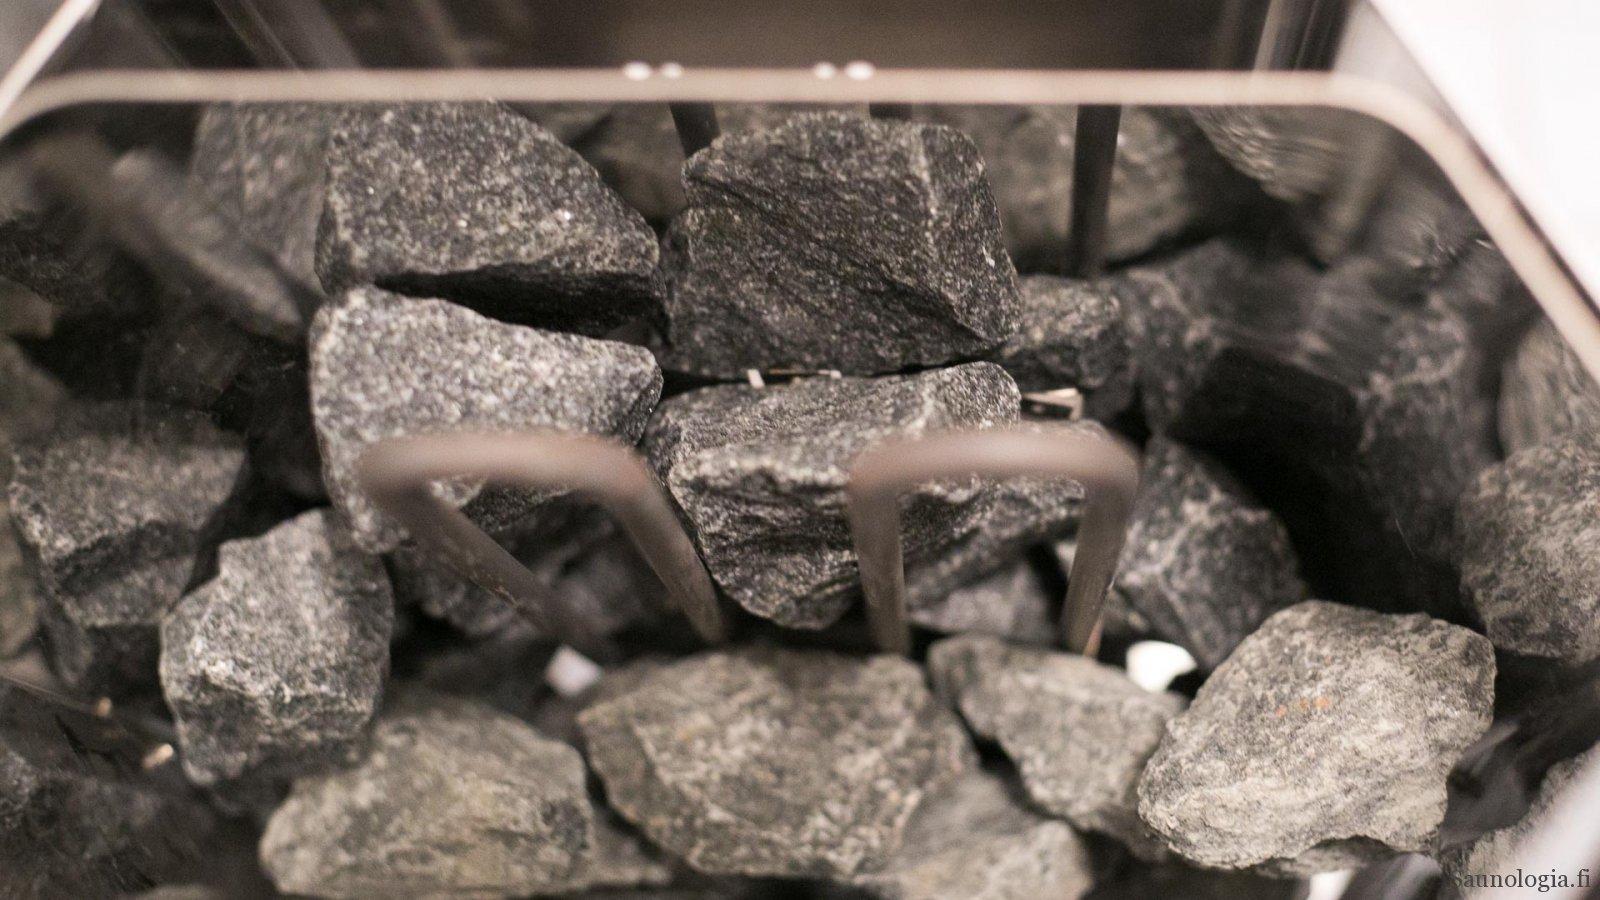 180109-kivienvaihto-pieni-narvi-vastusten-ympari